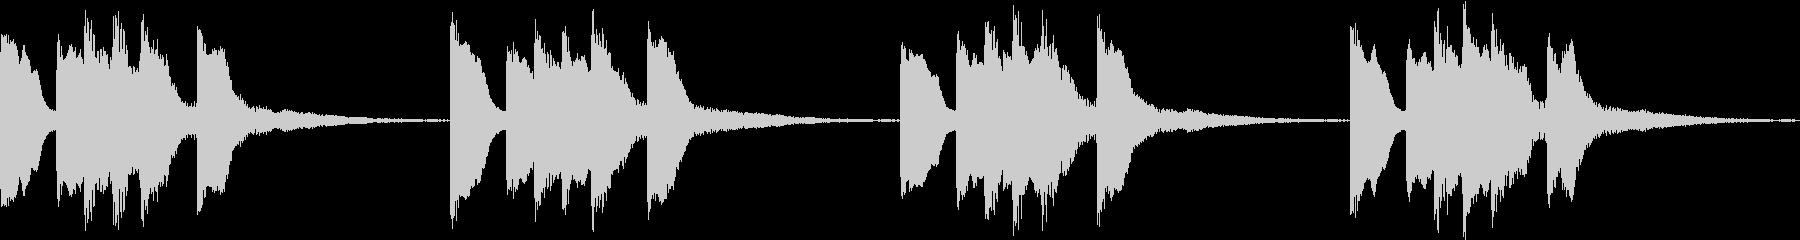 シンプル ベル 着信音 チャイム B12の未再生の波形